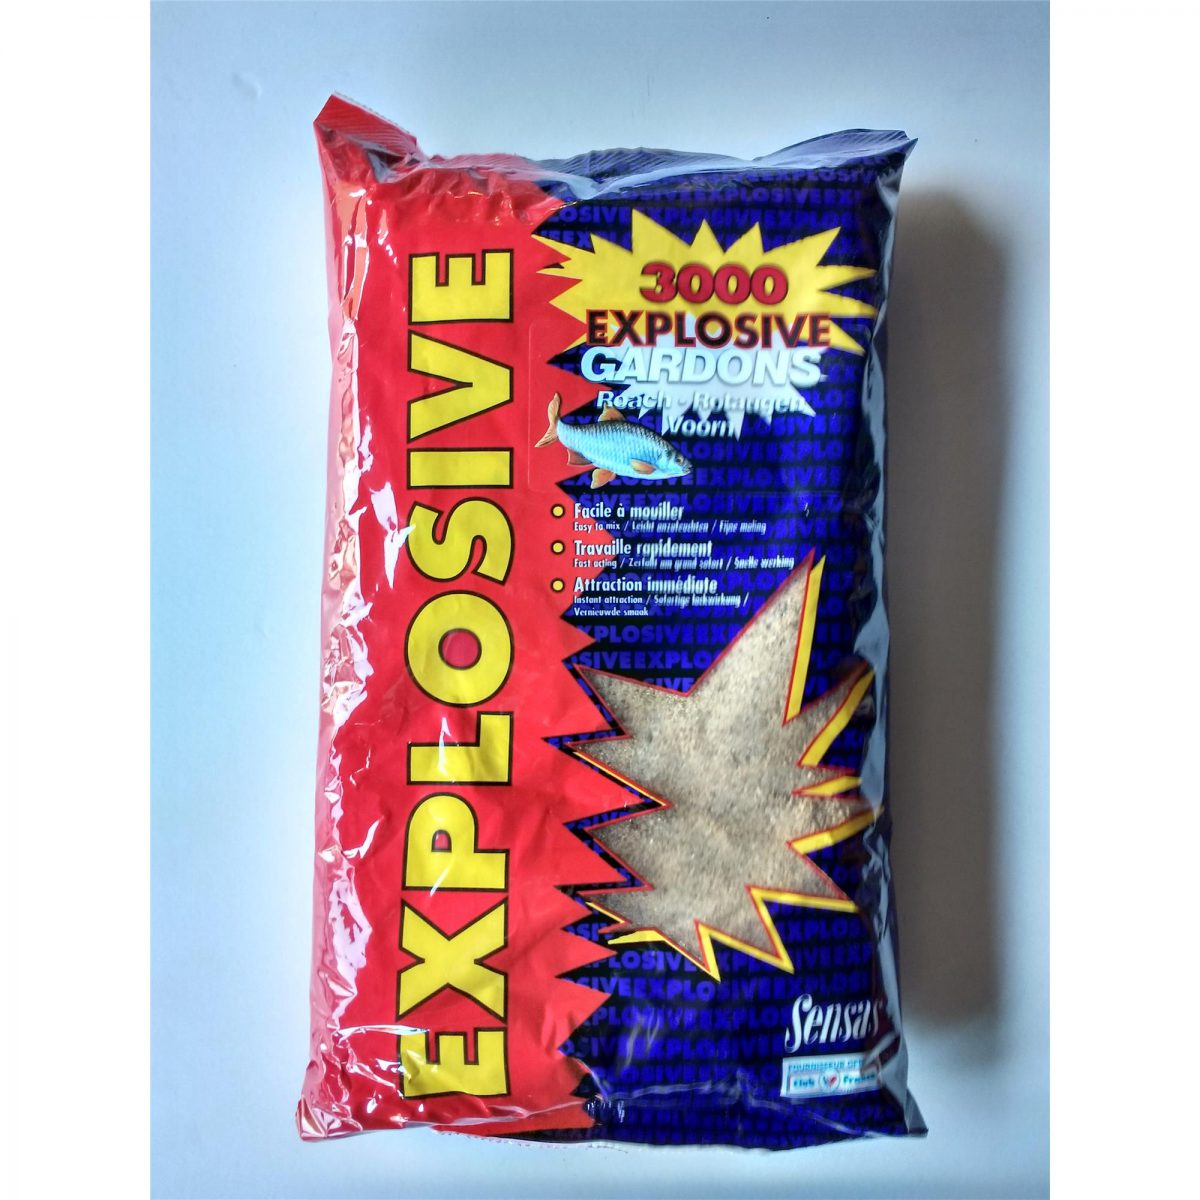 Sensas Zanęta 3000 Explosive Gardons 1kg